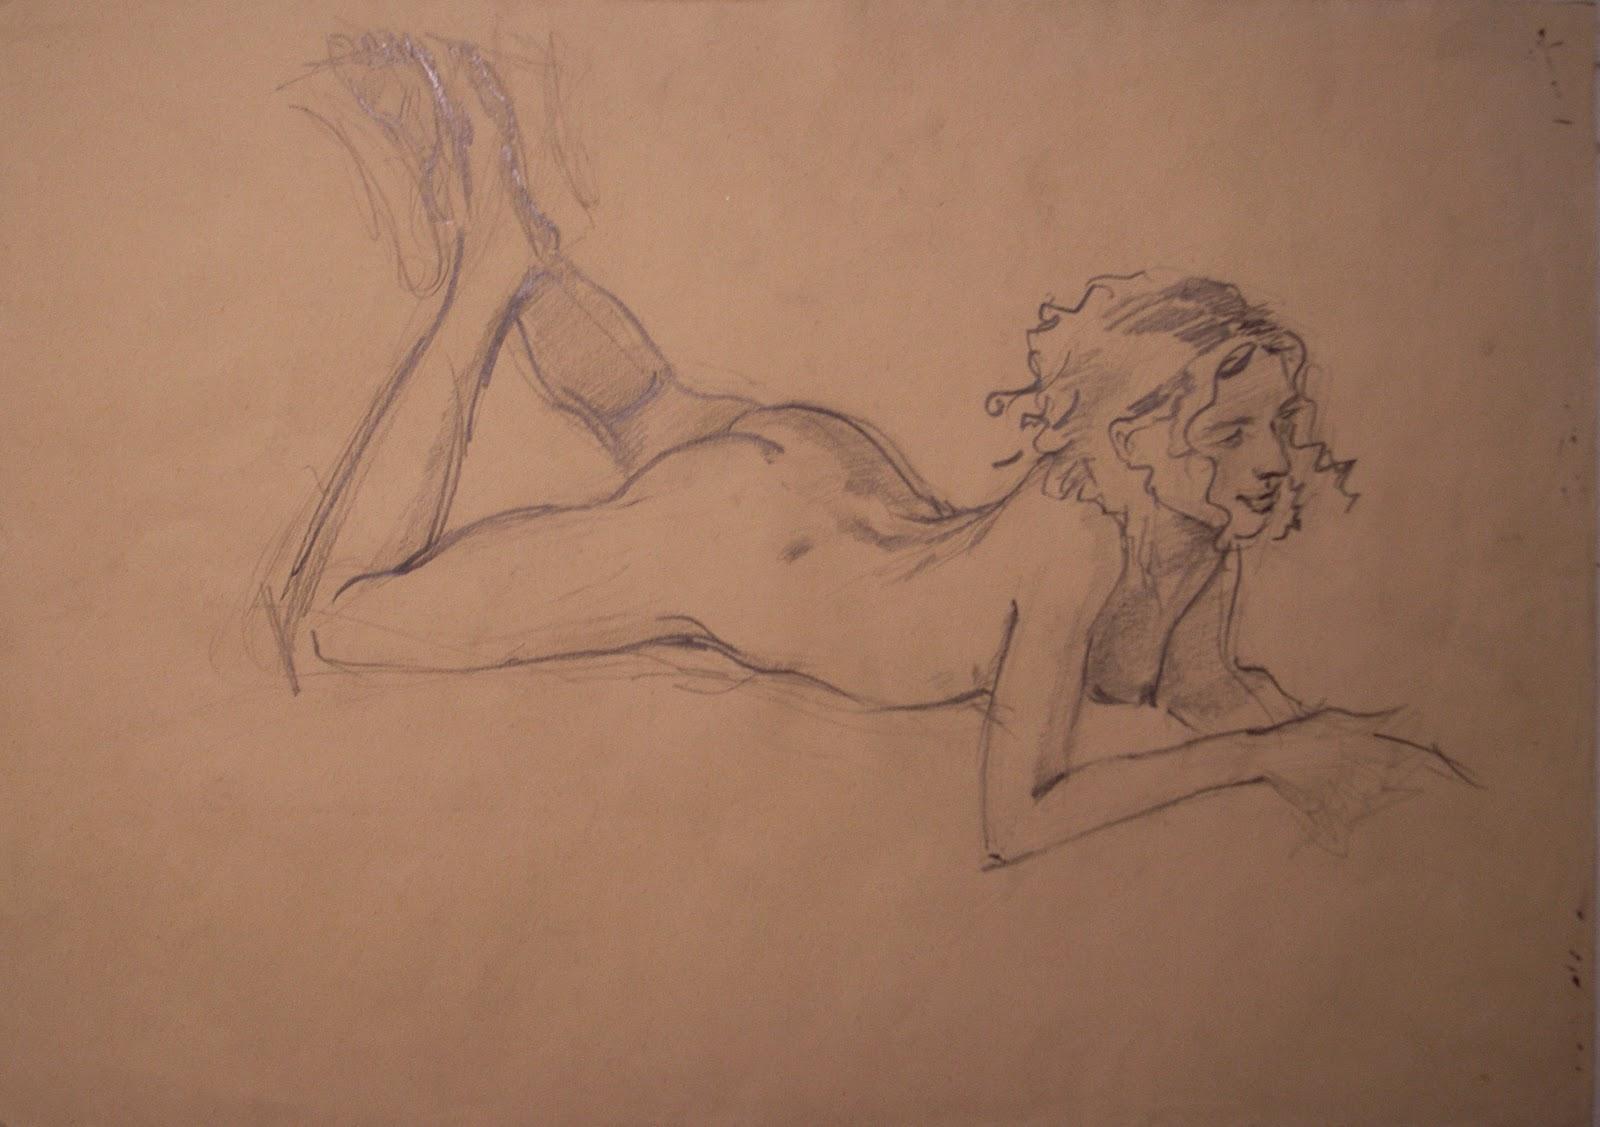 armando-prieto-perez-disegno-nudo-femminile-armando-prieto-perez-disegno-nudo-femminile-armando-prieto-perez-disegno-nudo-femminile